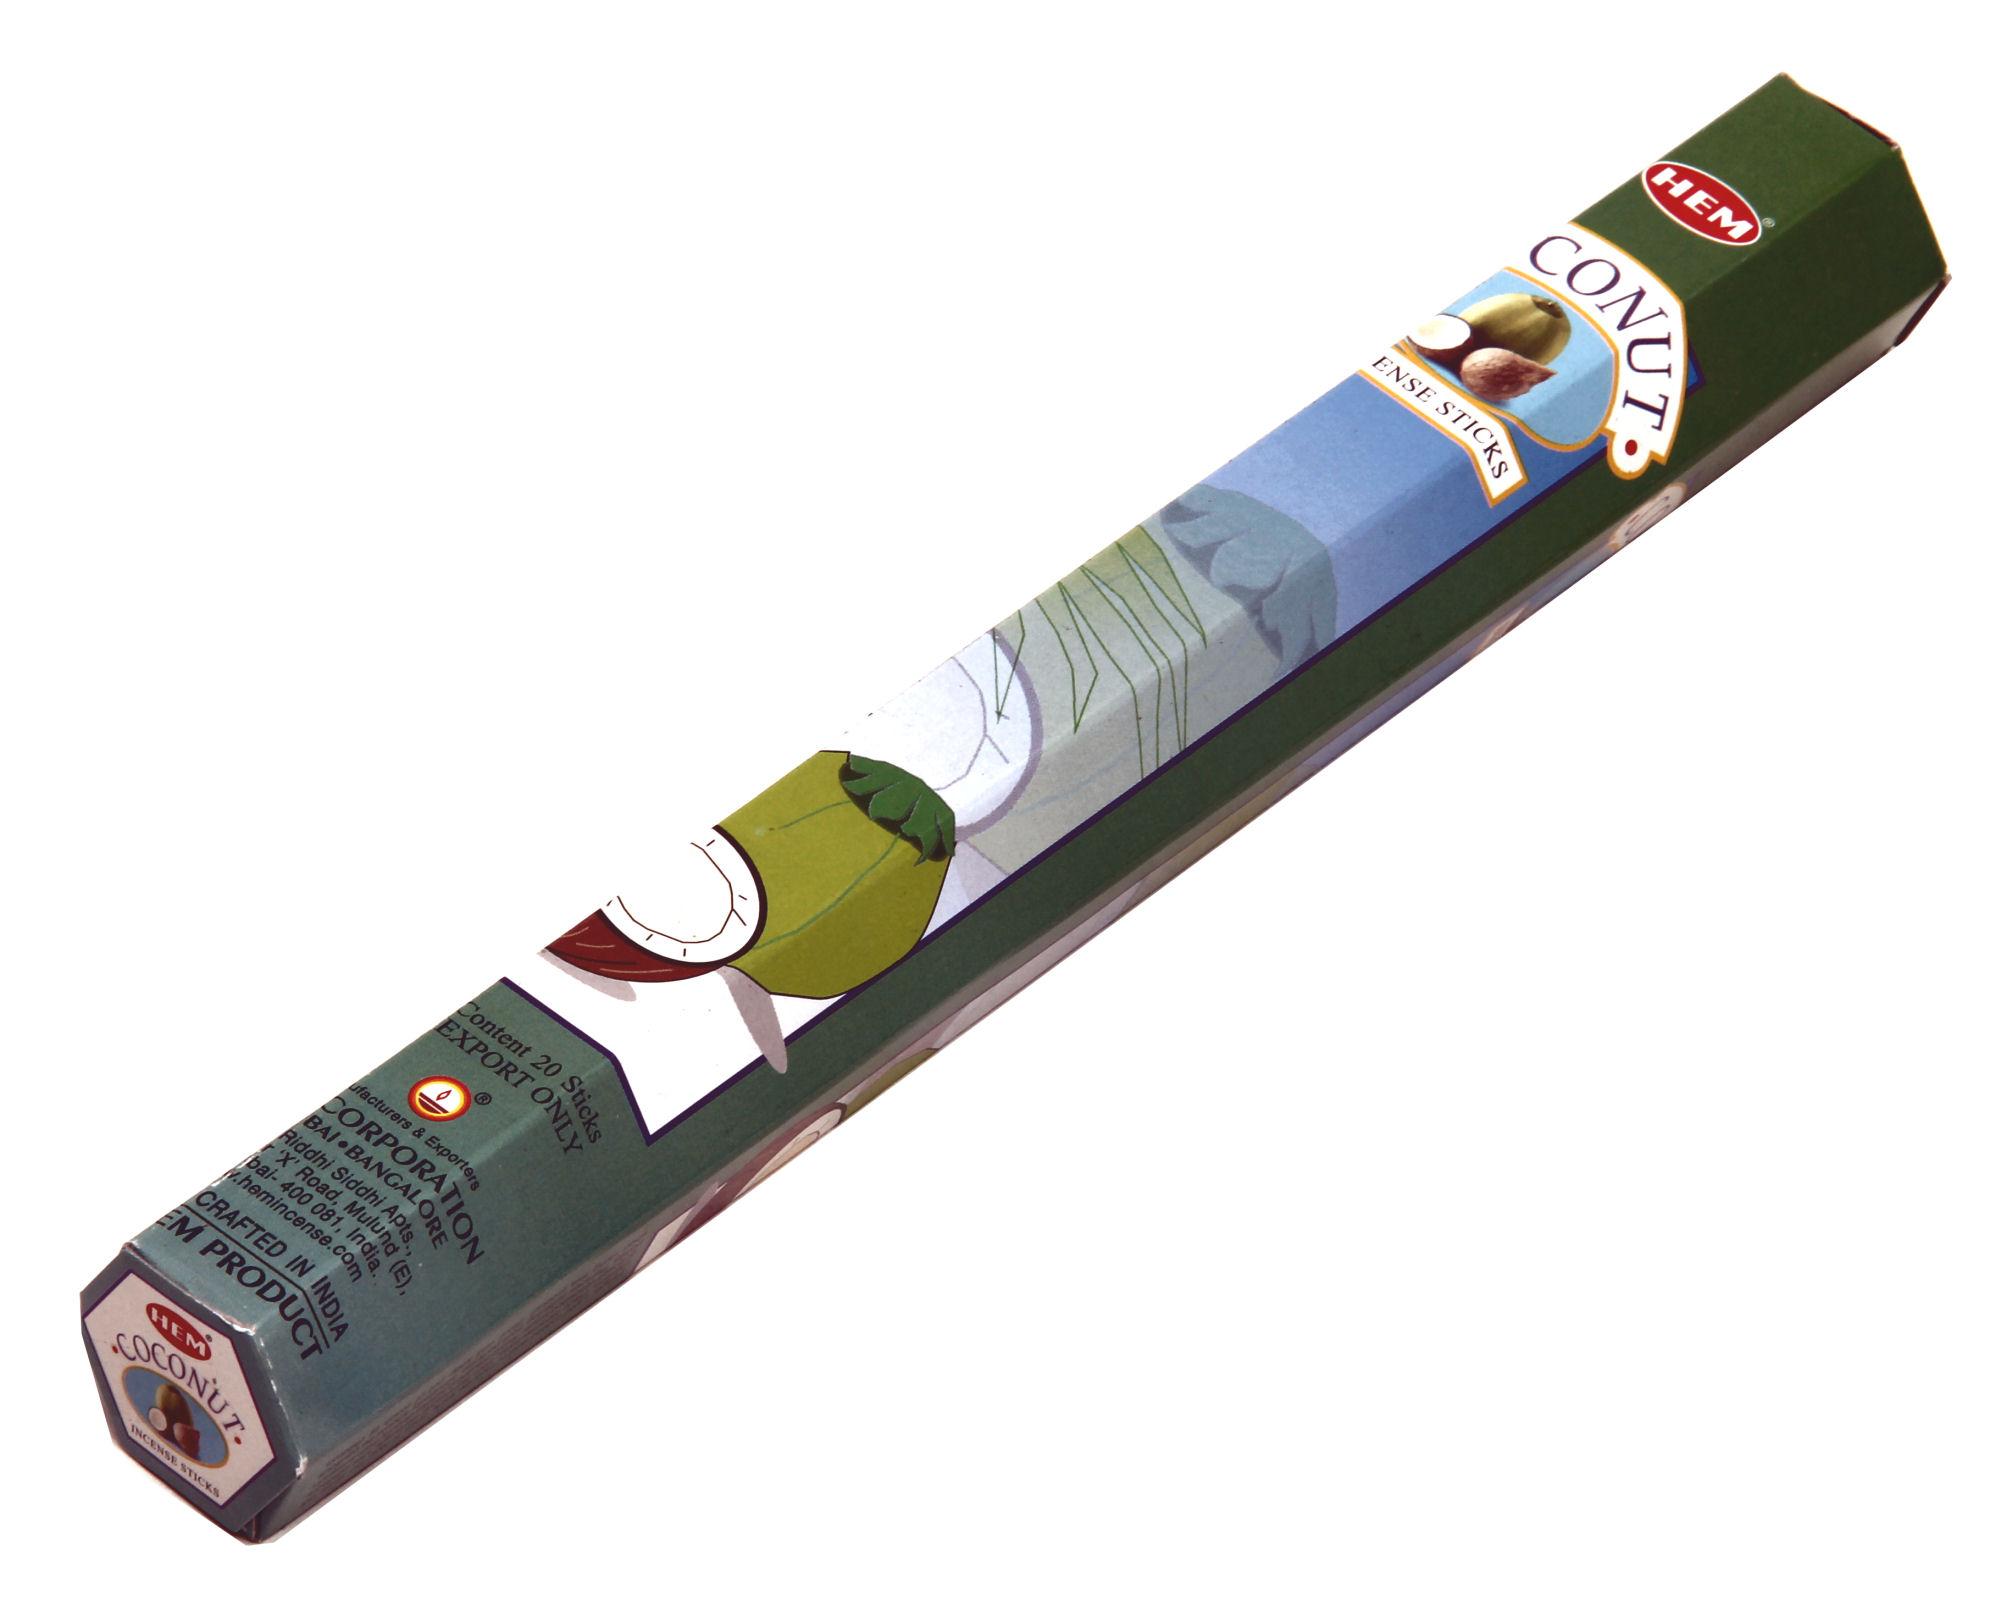 HEM Räucherstäbchen Sparset. 6 Packungen ca. 120 Sticks Coconut